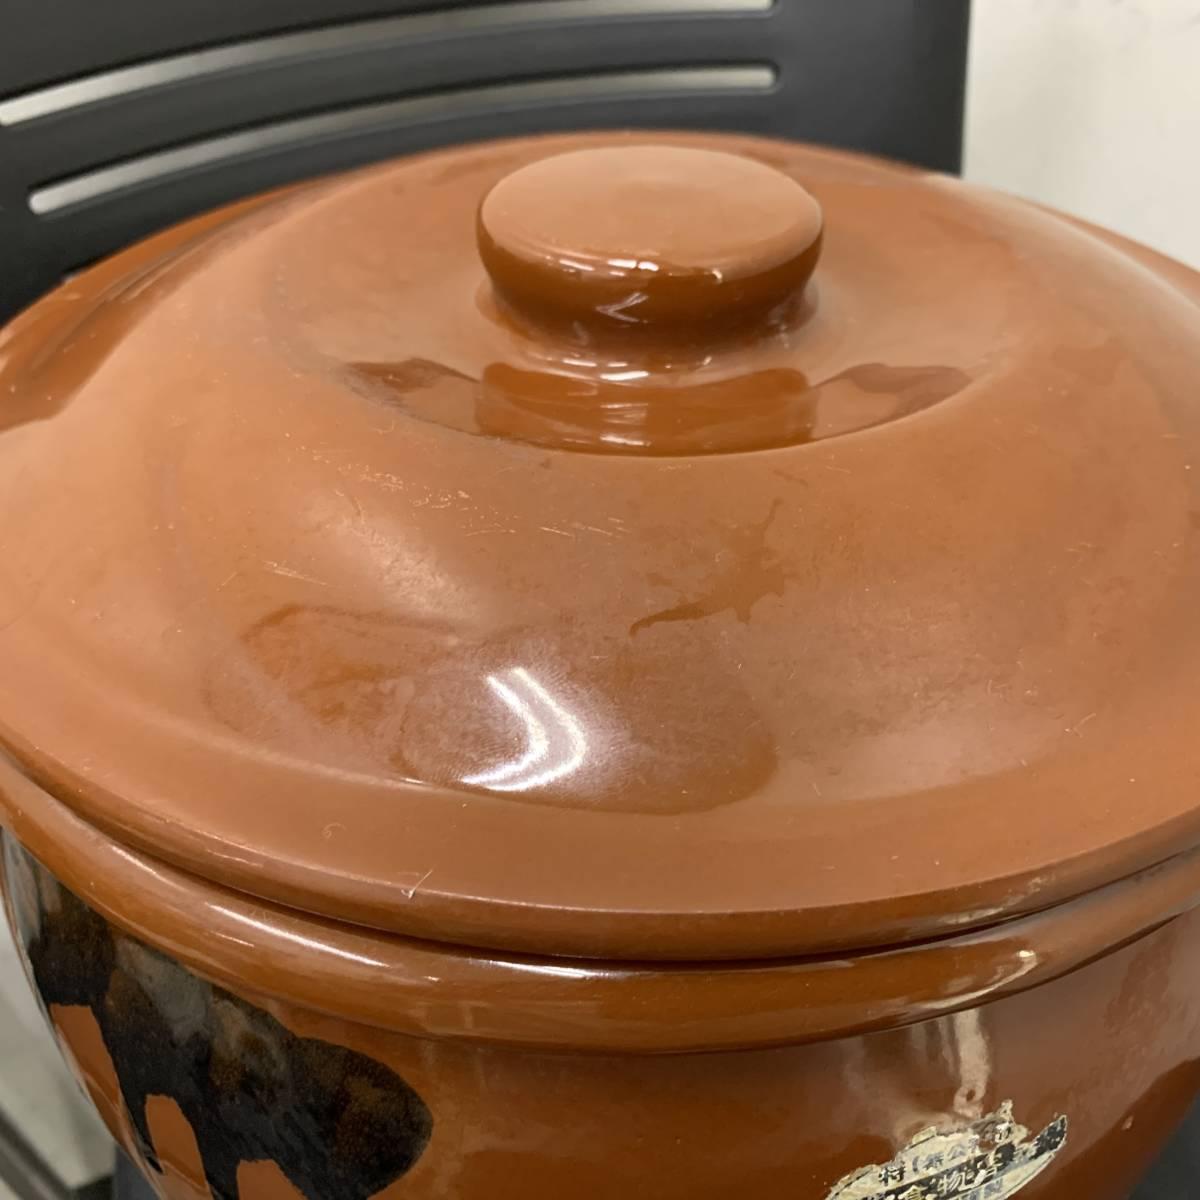 2、常滑焼 久松窯 梅干し壺 漬物容器 かめ 漬物 らっきょ 梅干 味噌 蓋付 経年保管品_画像6